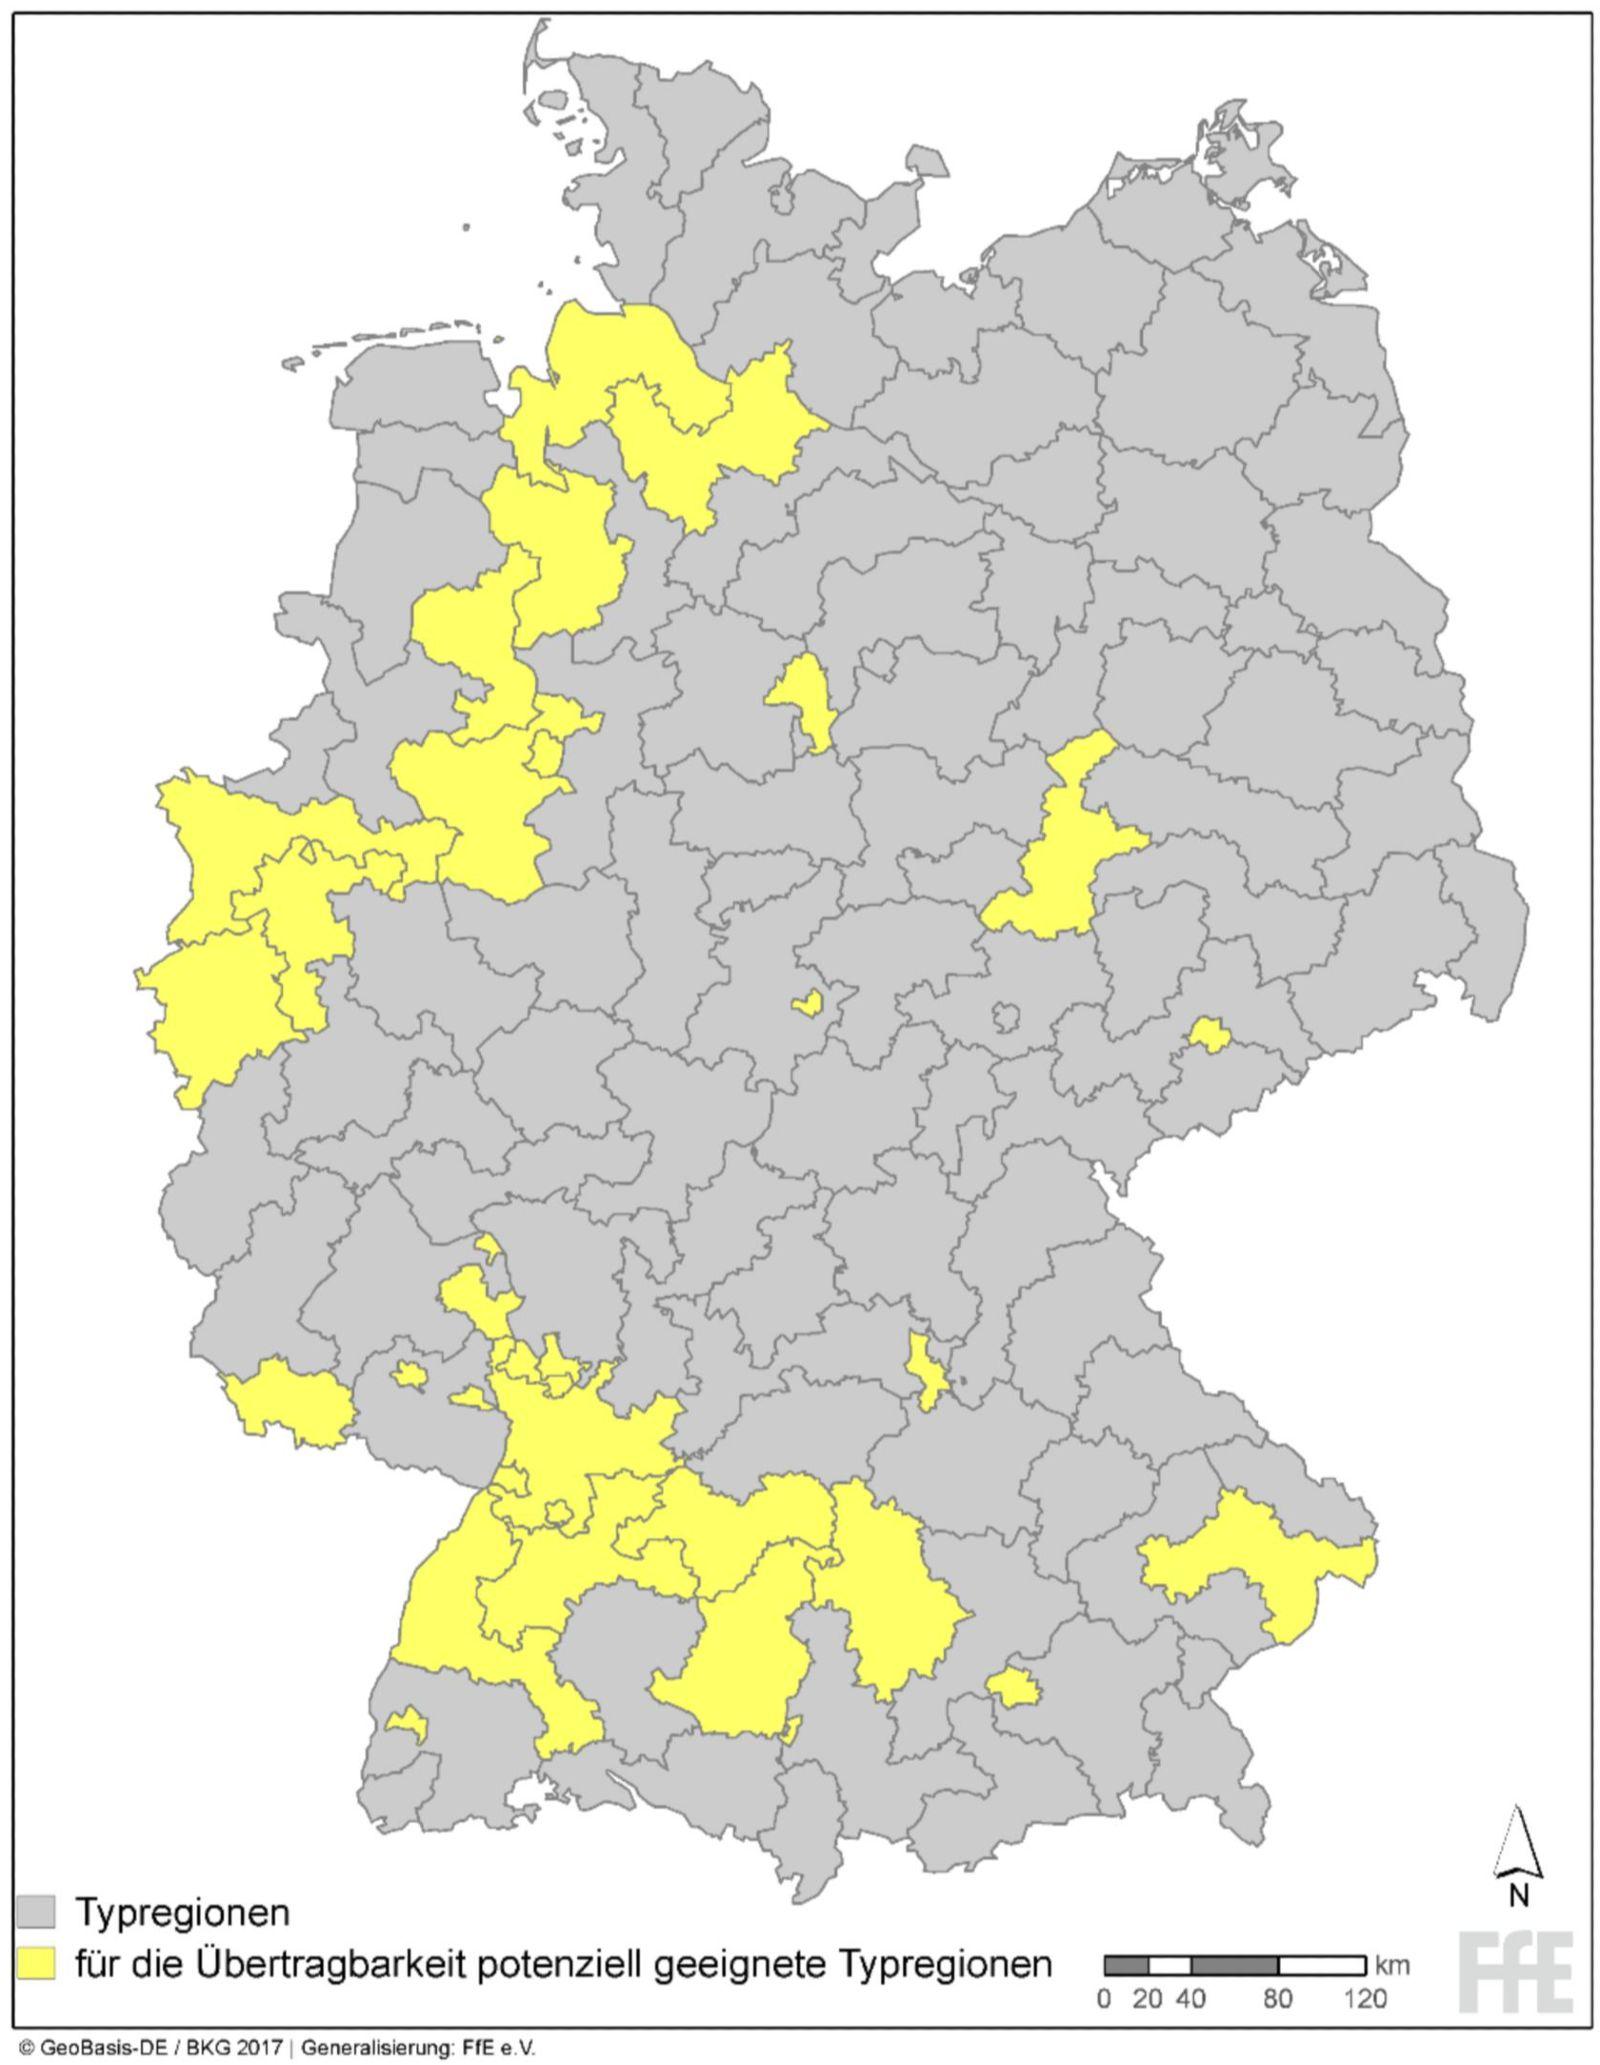 Das Bild zeigt eine Deutschlandkarte, auf der diejenigen Gebiete markiert sind, auf die sich die Ergebnisse aus Augsburg übertragen lassen.